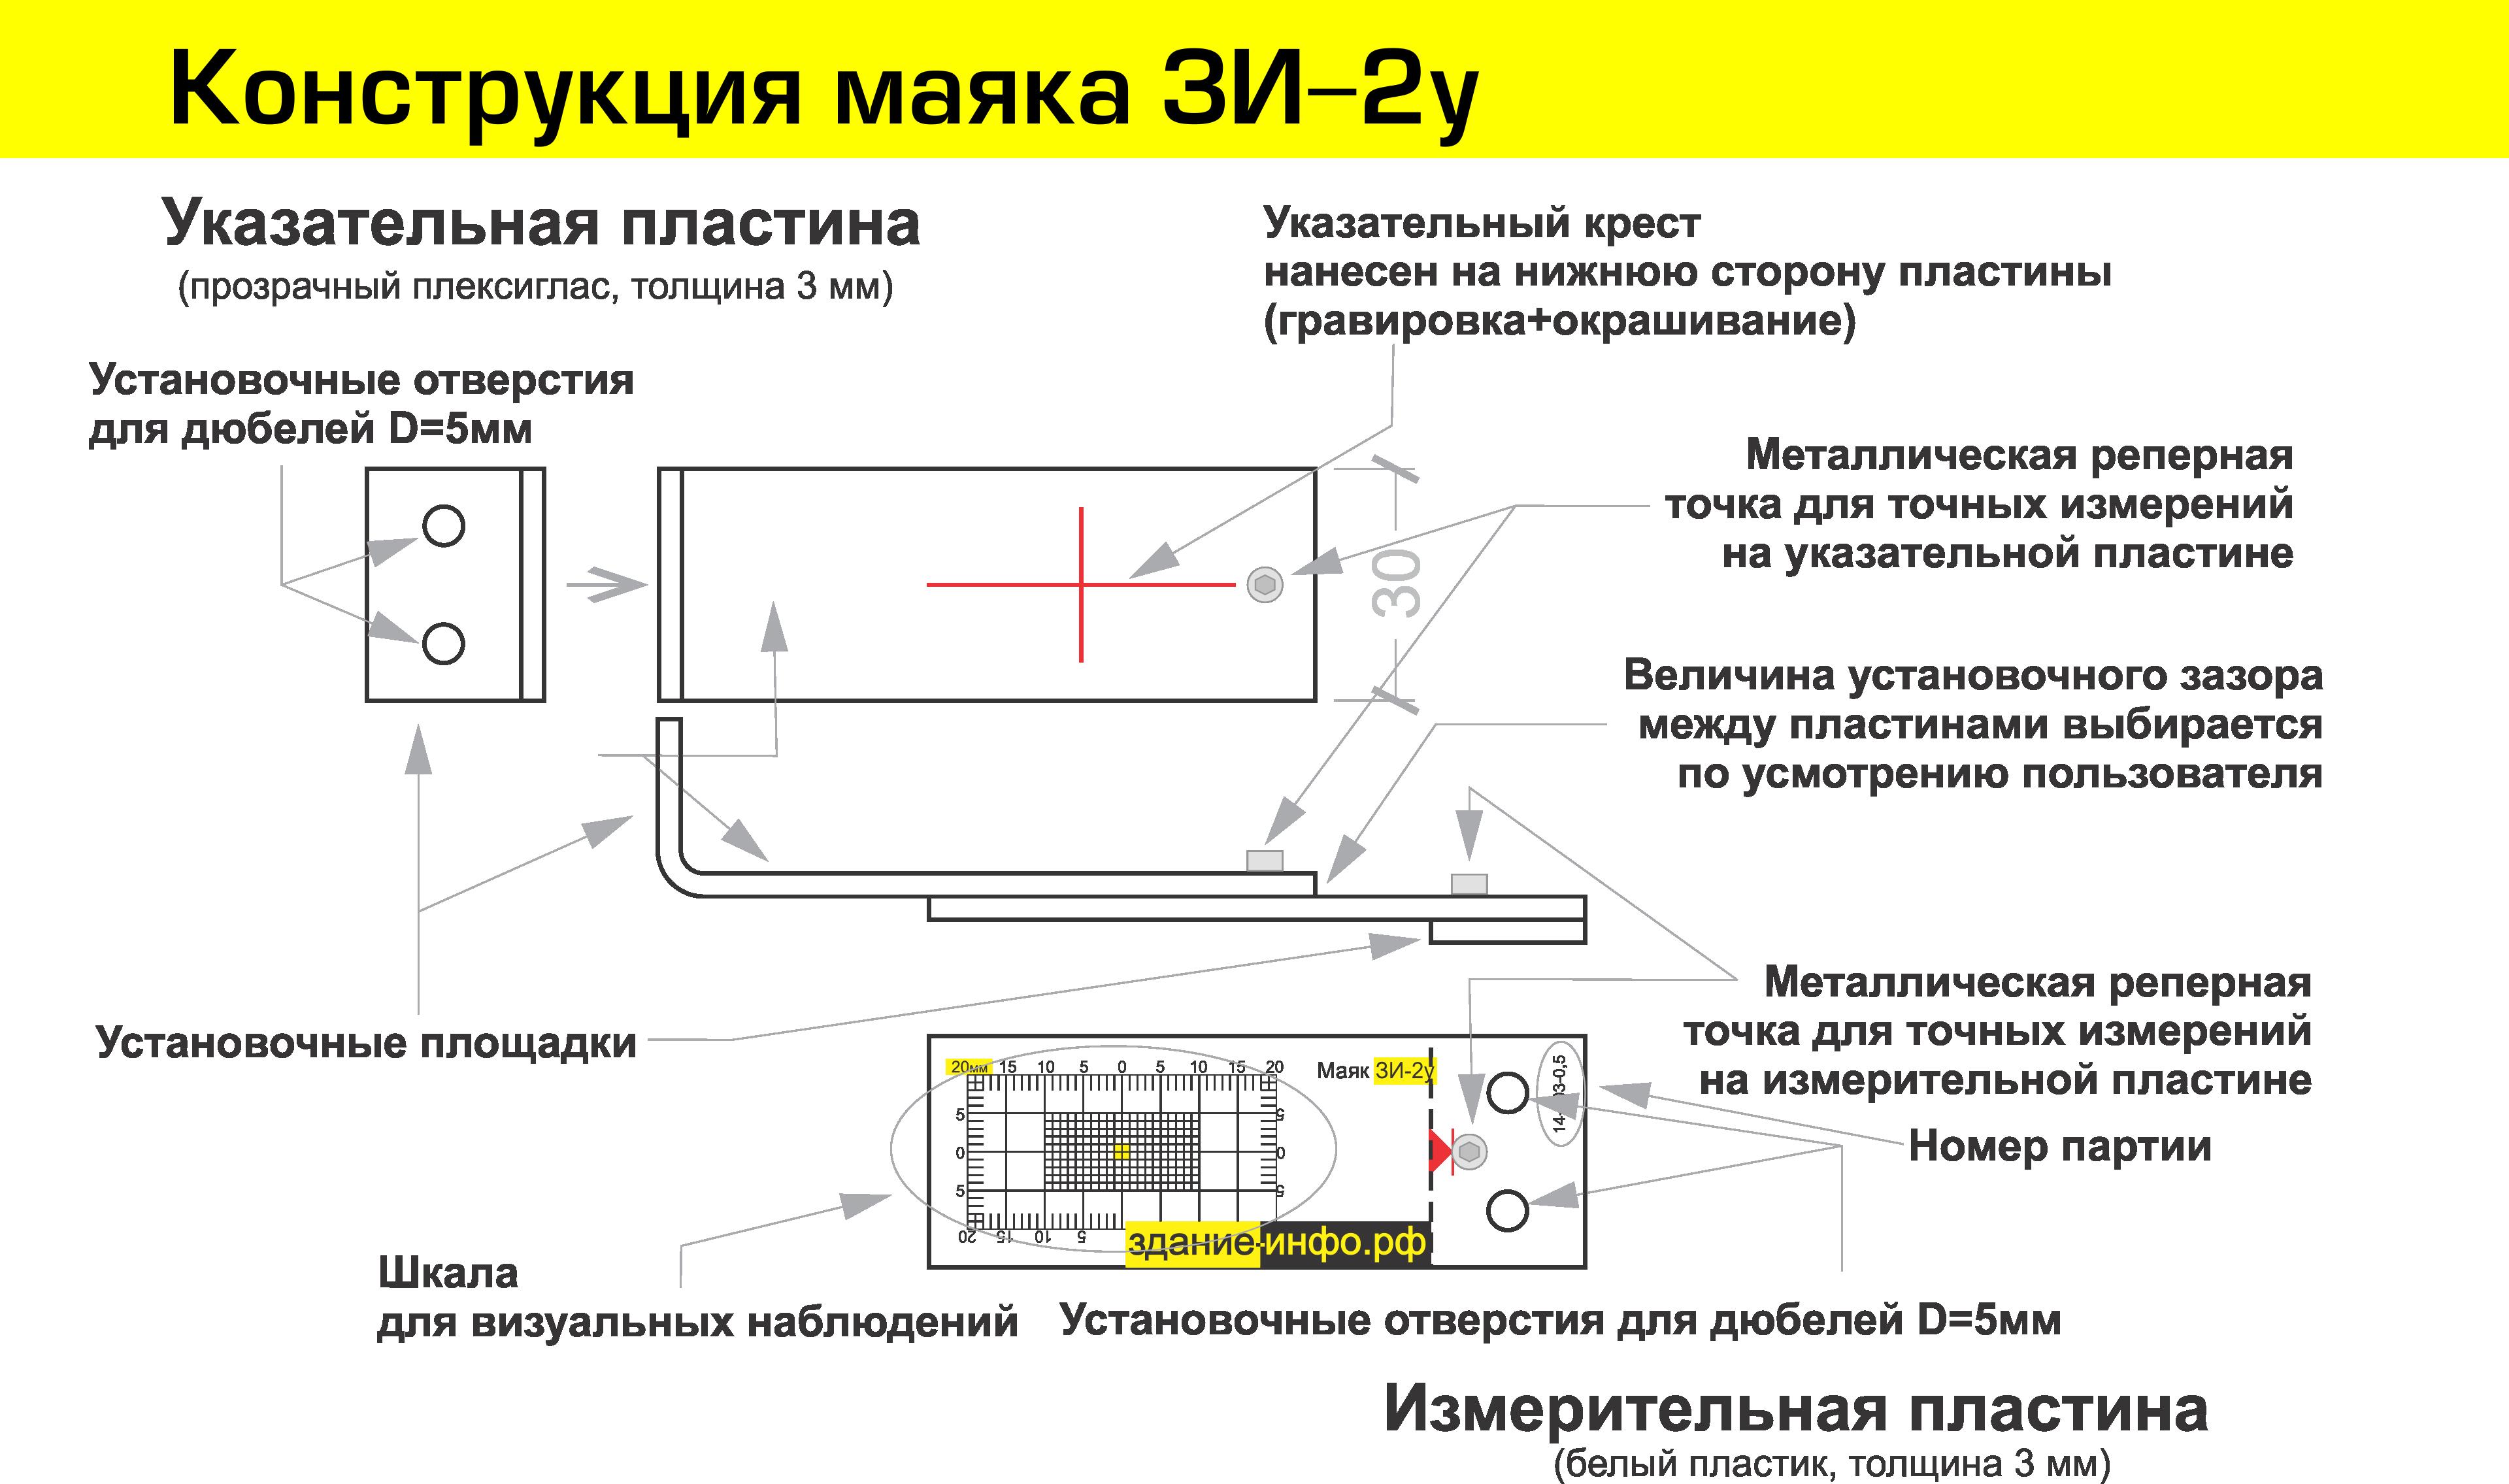 Схема маяка ЗИ-2у